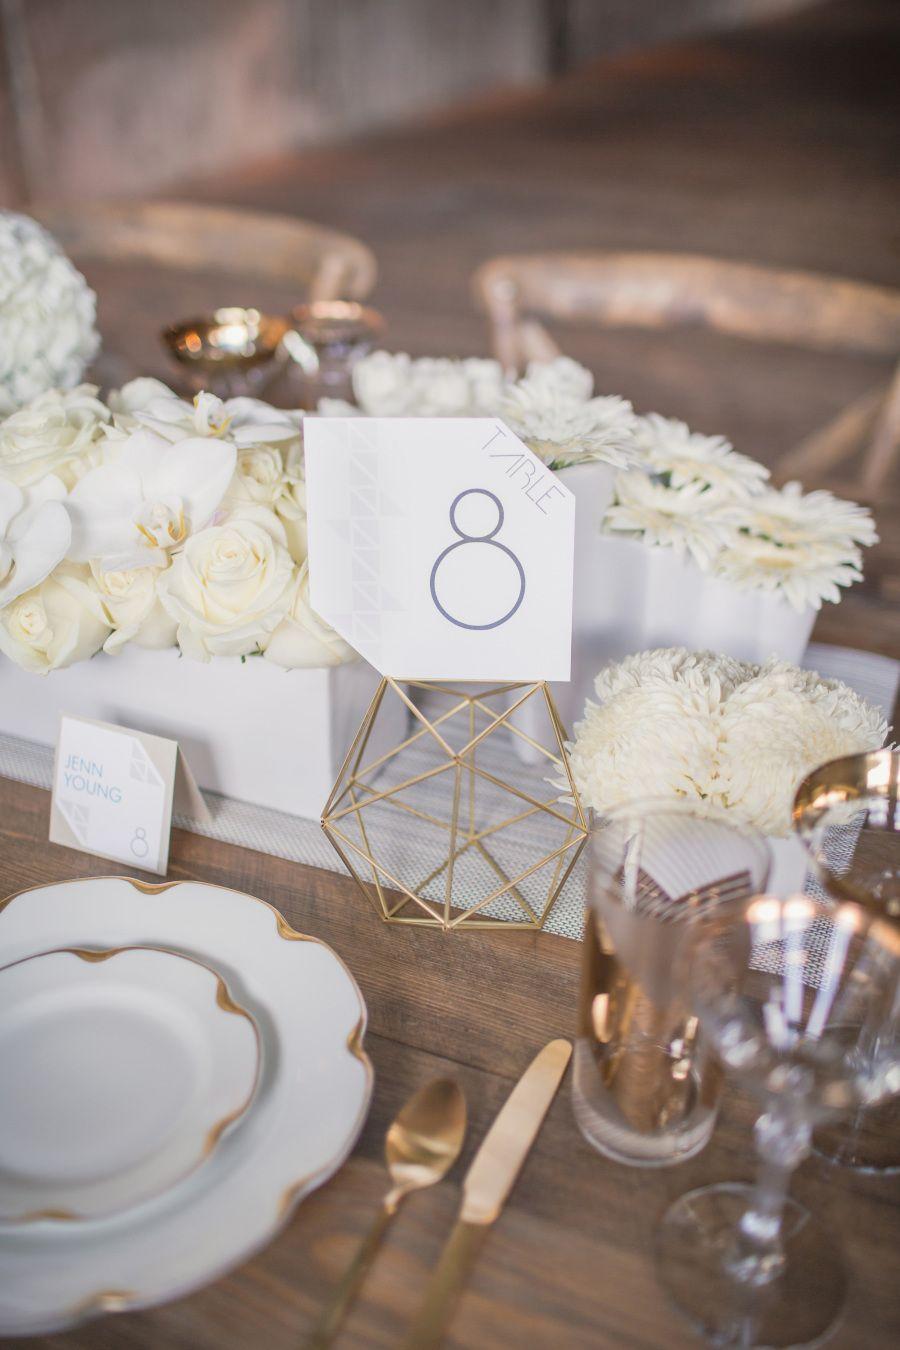 Modern Geometric Wedding Inspiration | Pinterest | Centerpieces ...